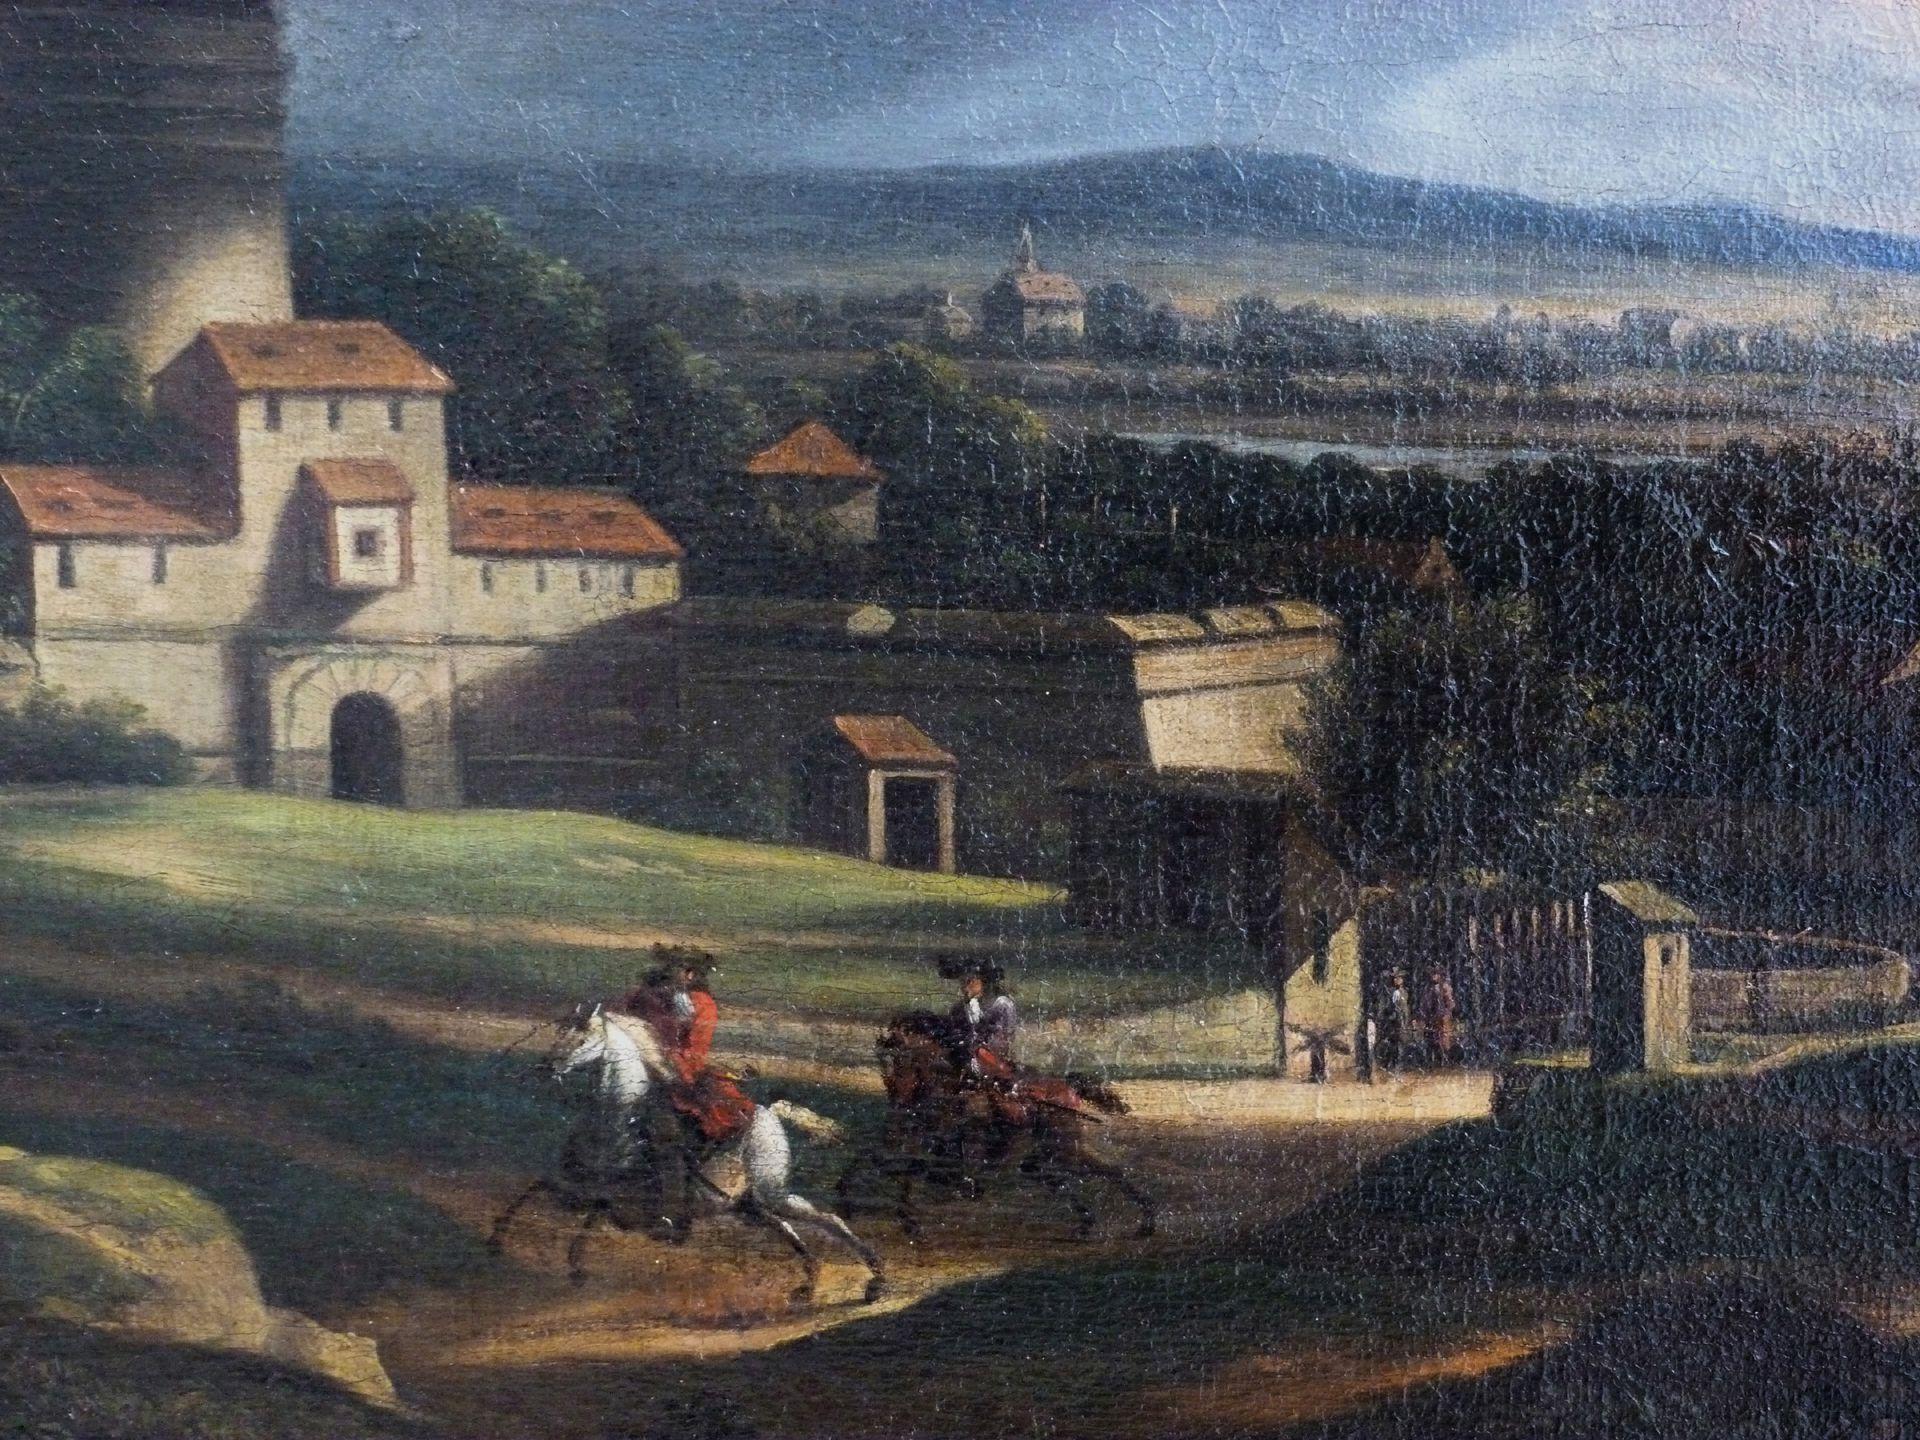 Neutor mit Bastei, im Vordergrund zwei Reiter Reiter im Vordergrund